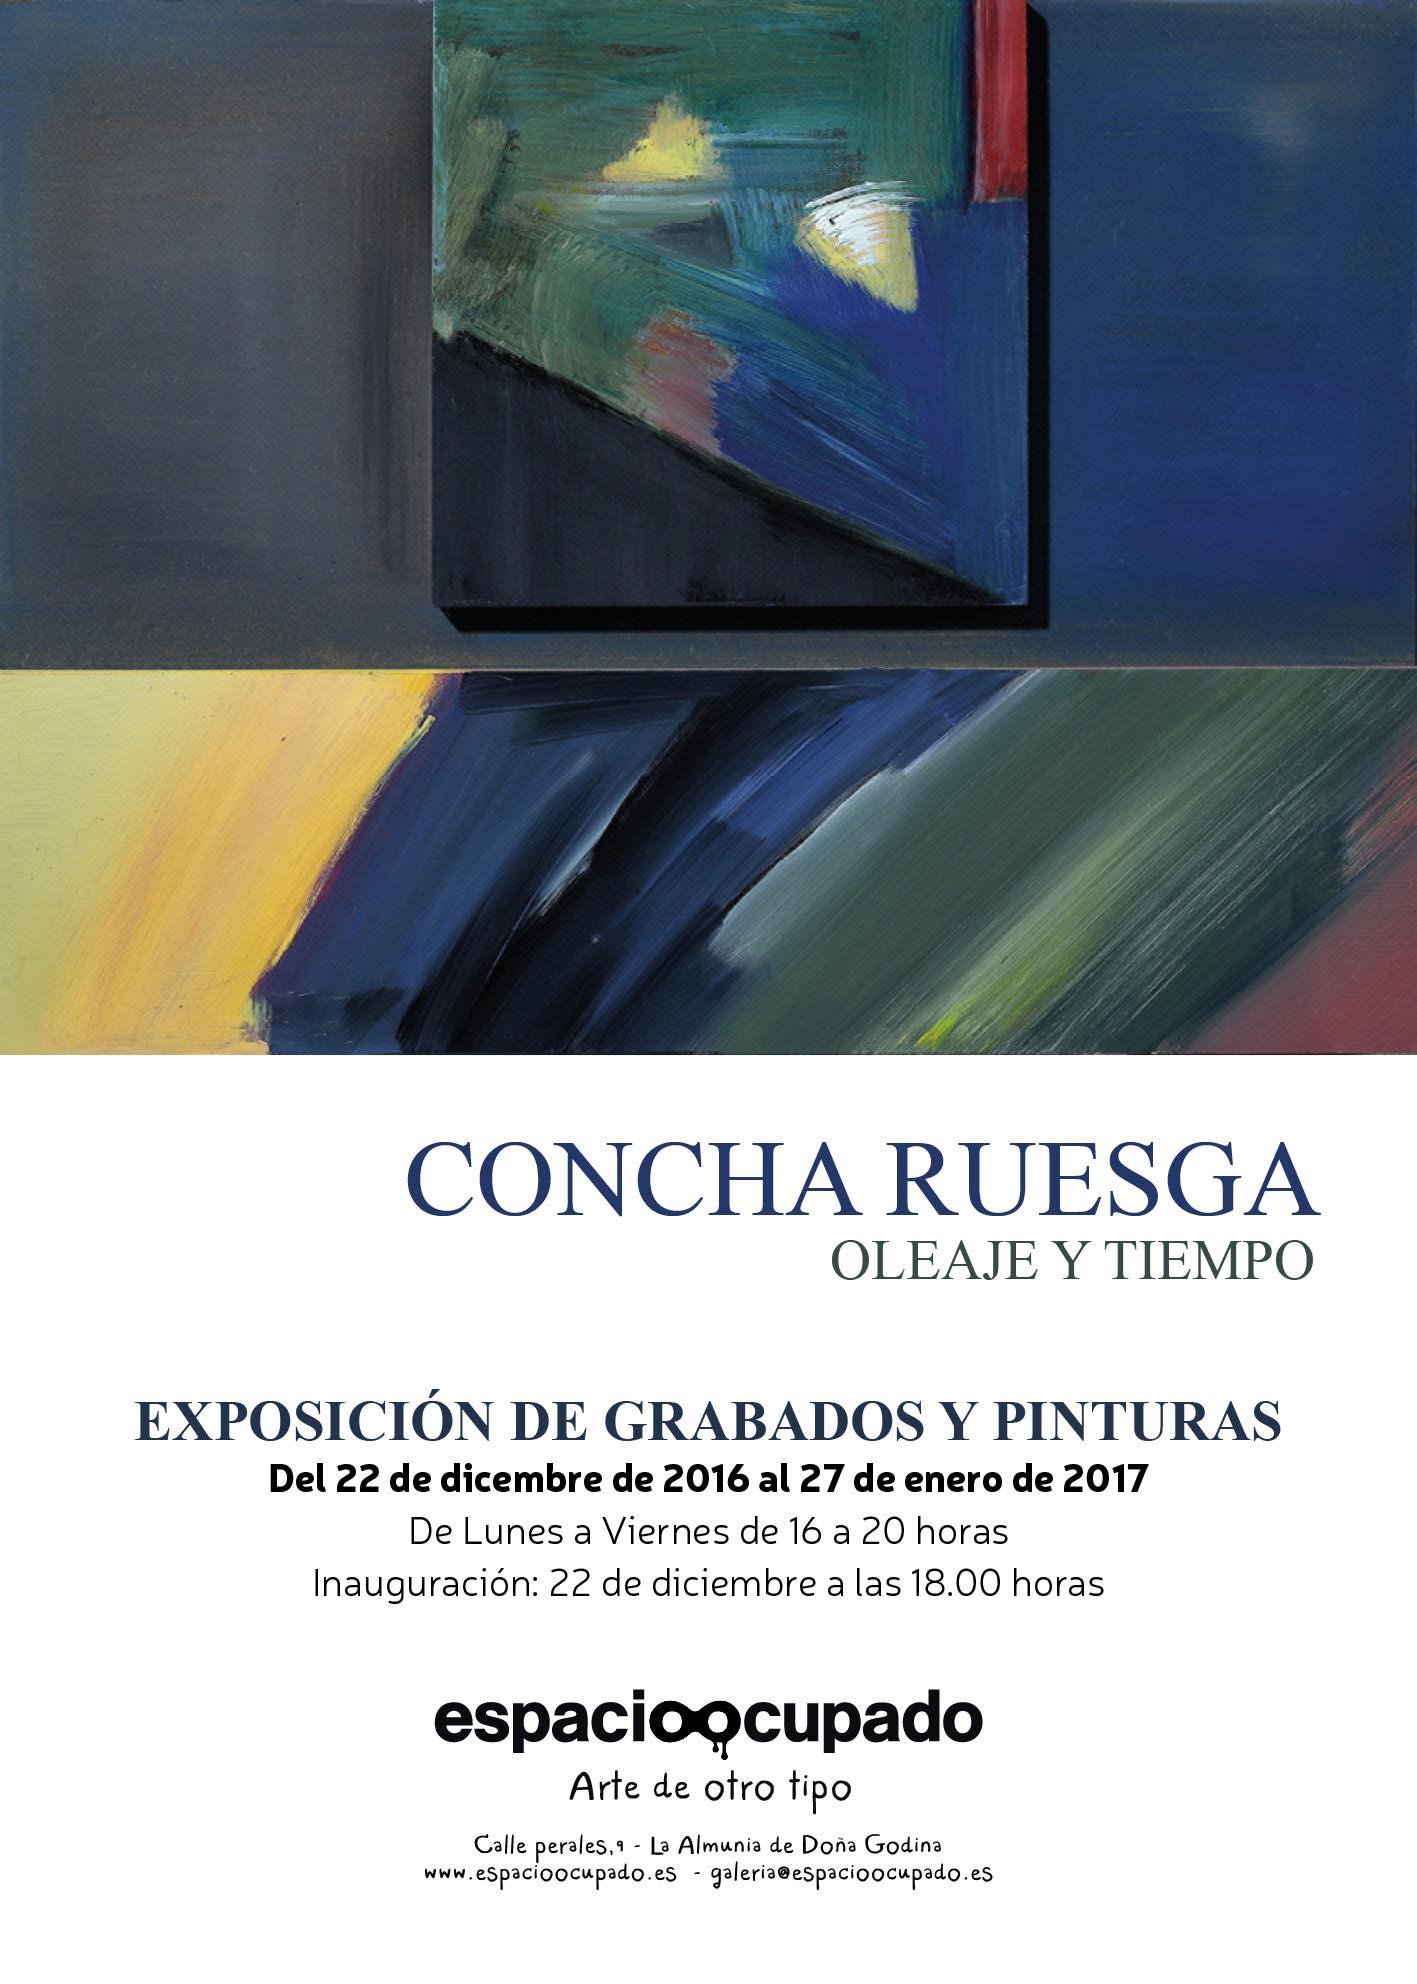 Cartel Exposición de pintura y grabado de Concha Ruesga - Oleaje y Tiempo en Imagina Arte Gráfico